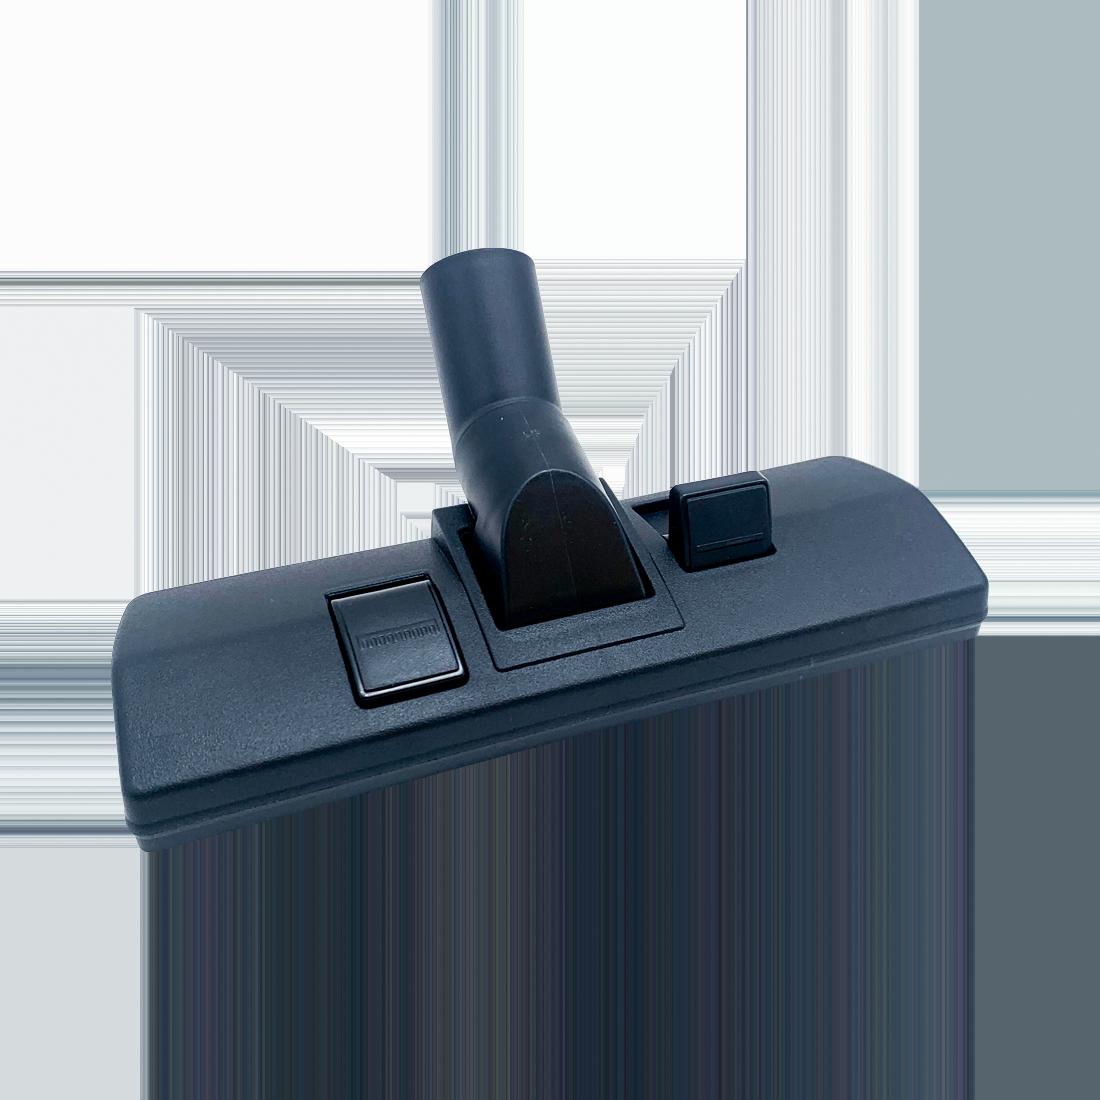 Kombidüse für Cleanfix S10, Breite 272 mm DN 35